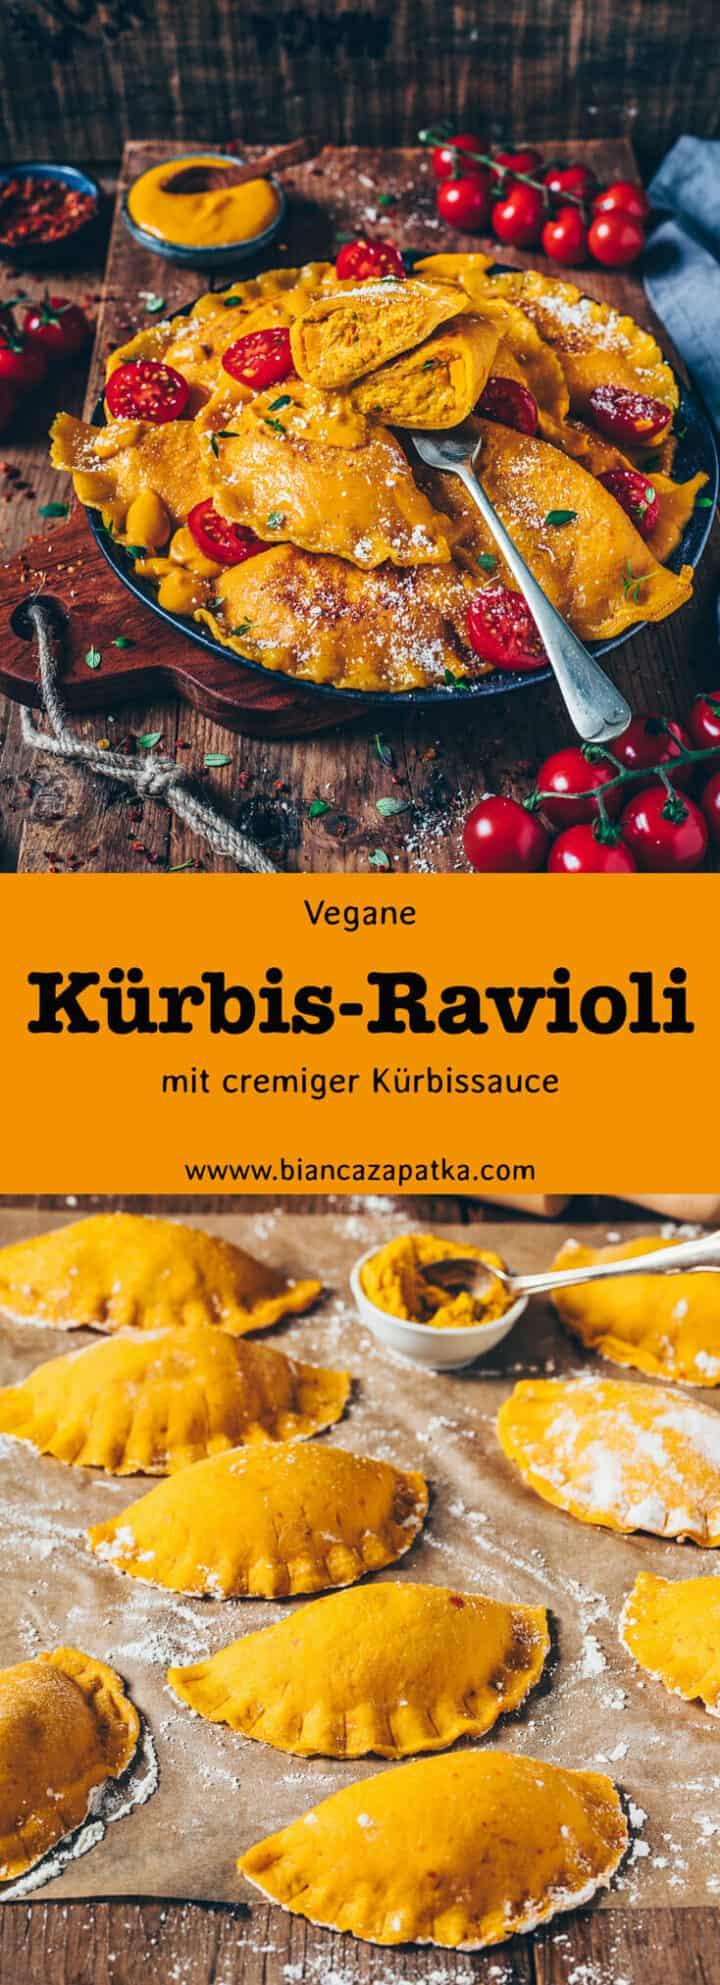 Kürbis-Ravioli mit cremiger Kürbisfüllung (Kürbis-Maultaschen) und Kürbis-Sauce für Nudeln